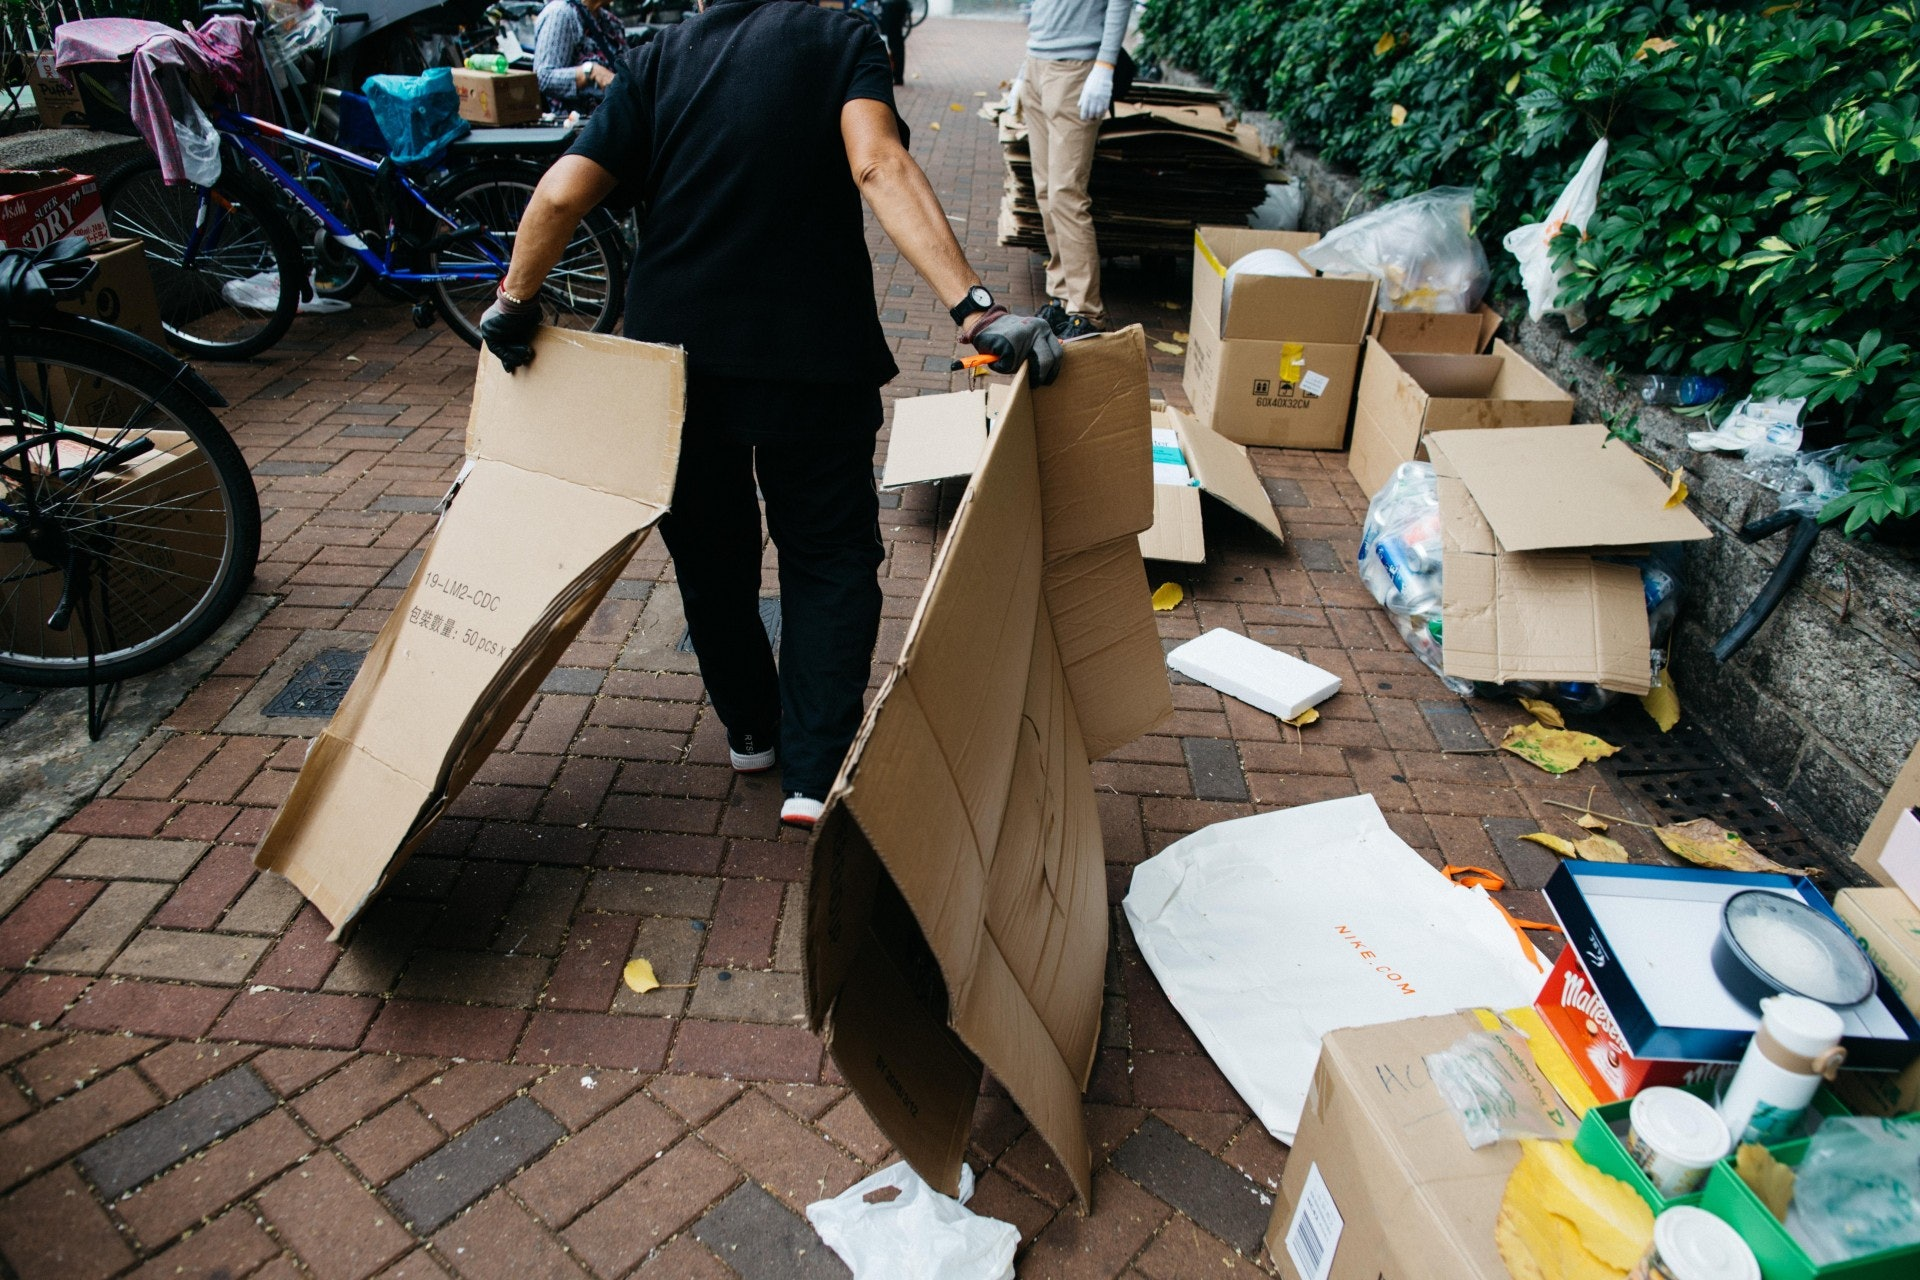 環保署資料顯示,2016年香港回收廢紙約80.5萬公噸,關注團體拾平台則推算,拾荒者每日的紙皮總回收量達至少193公噸,承擔全港總體約兩成。(梁鵬威攝)